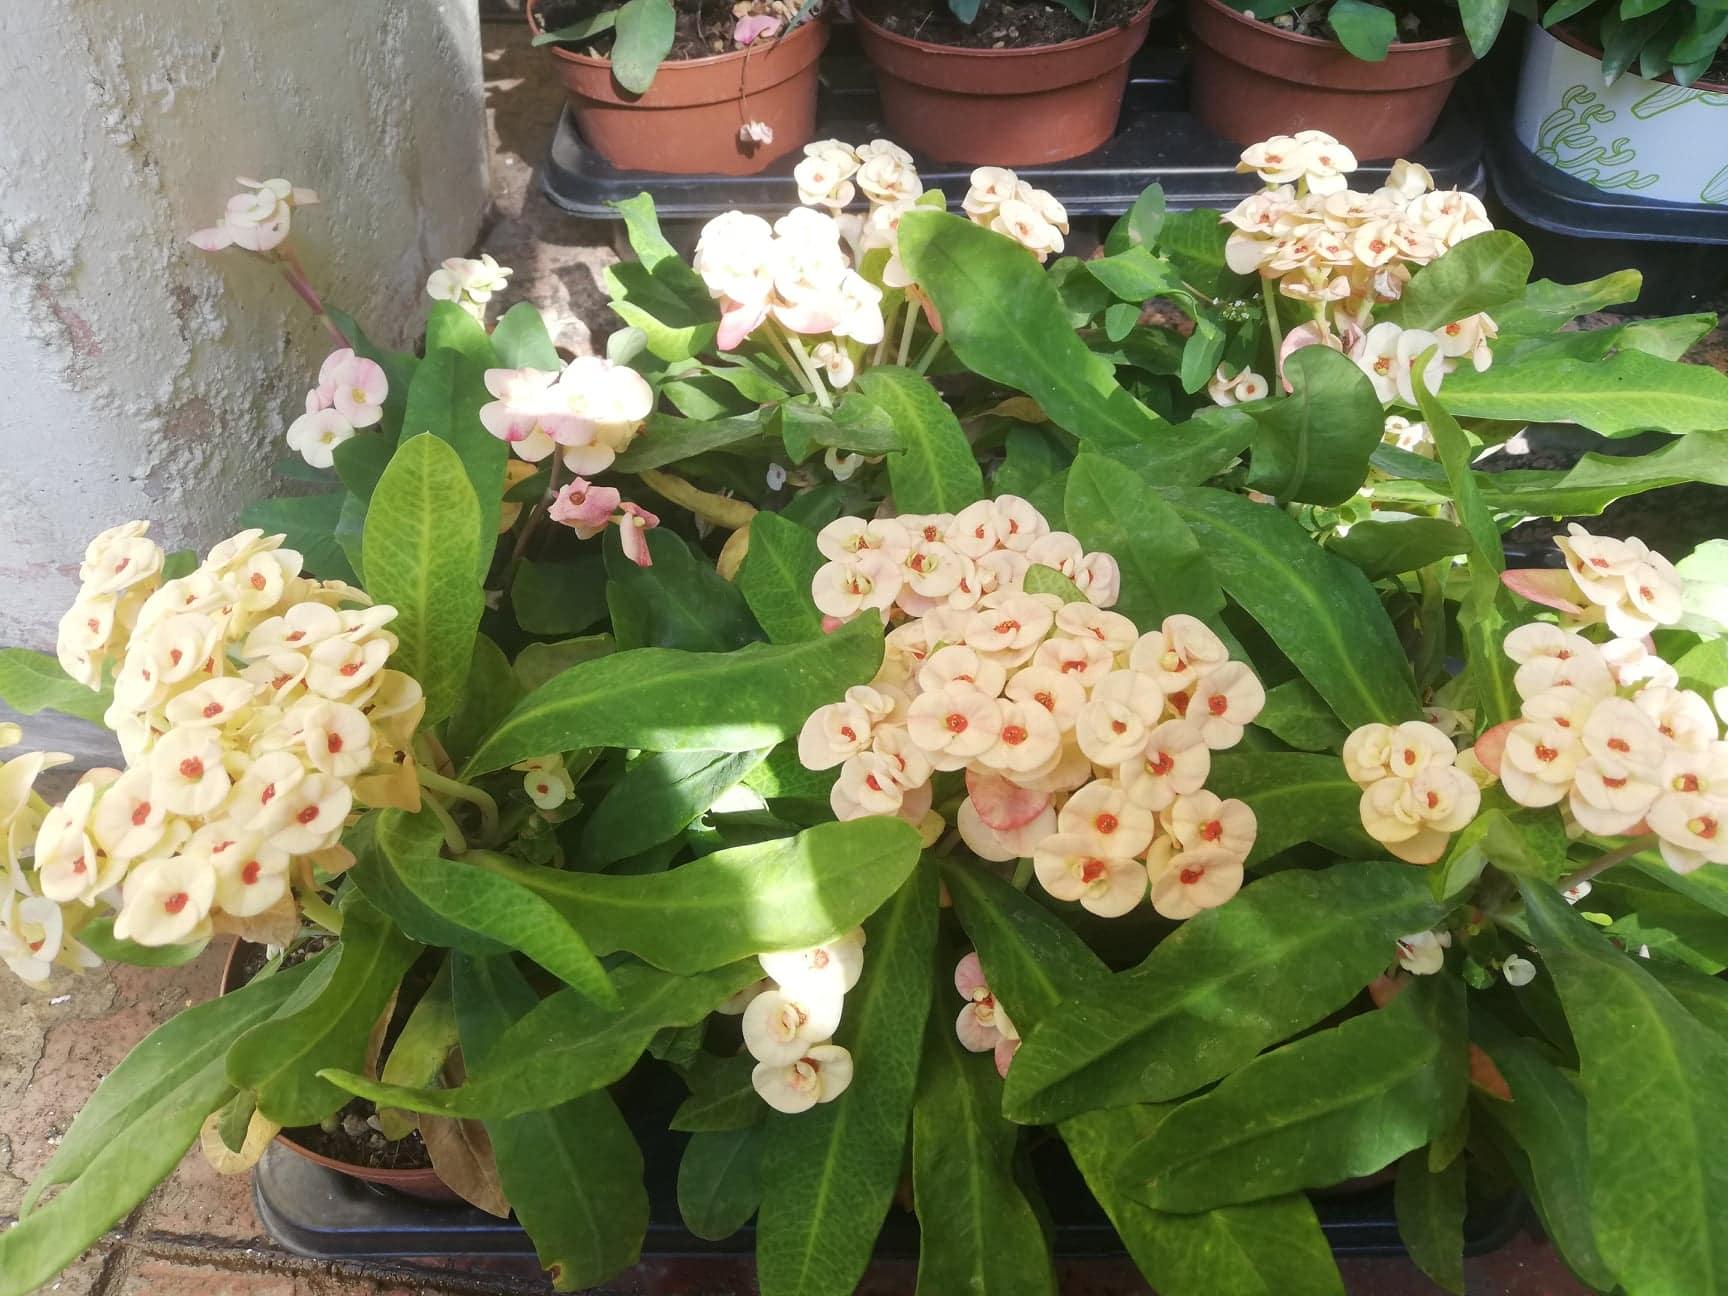 Euphorbia milii conosciuta anche come la corona di Cristo